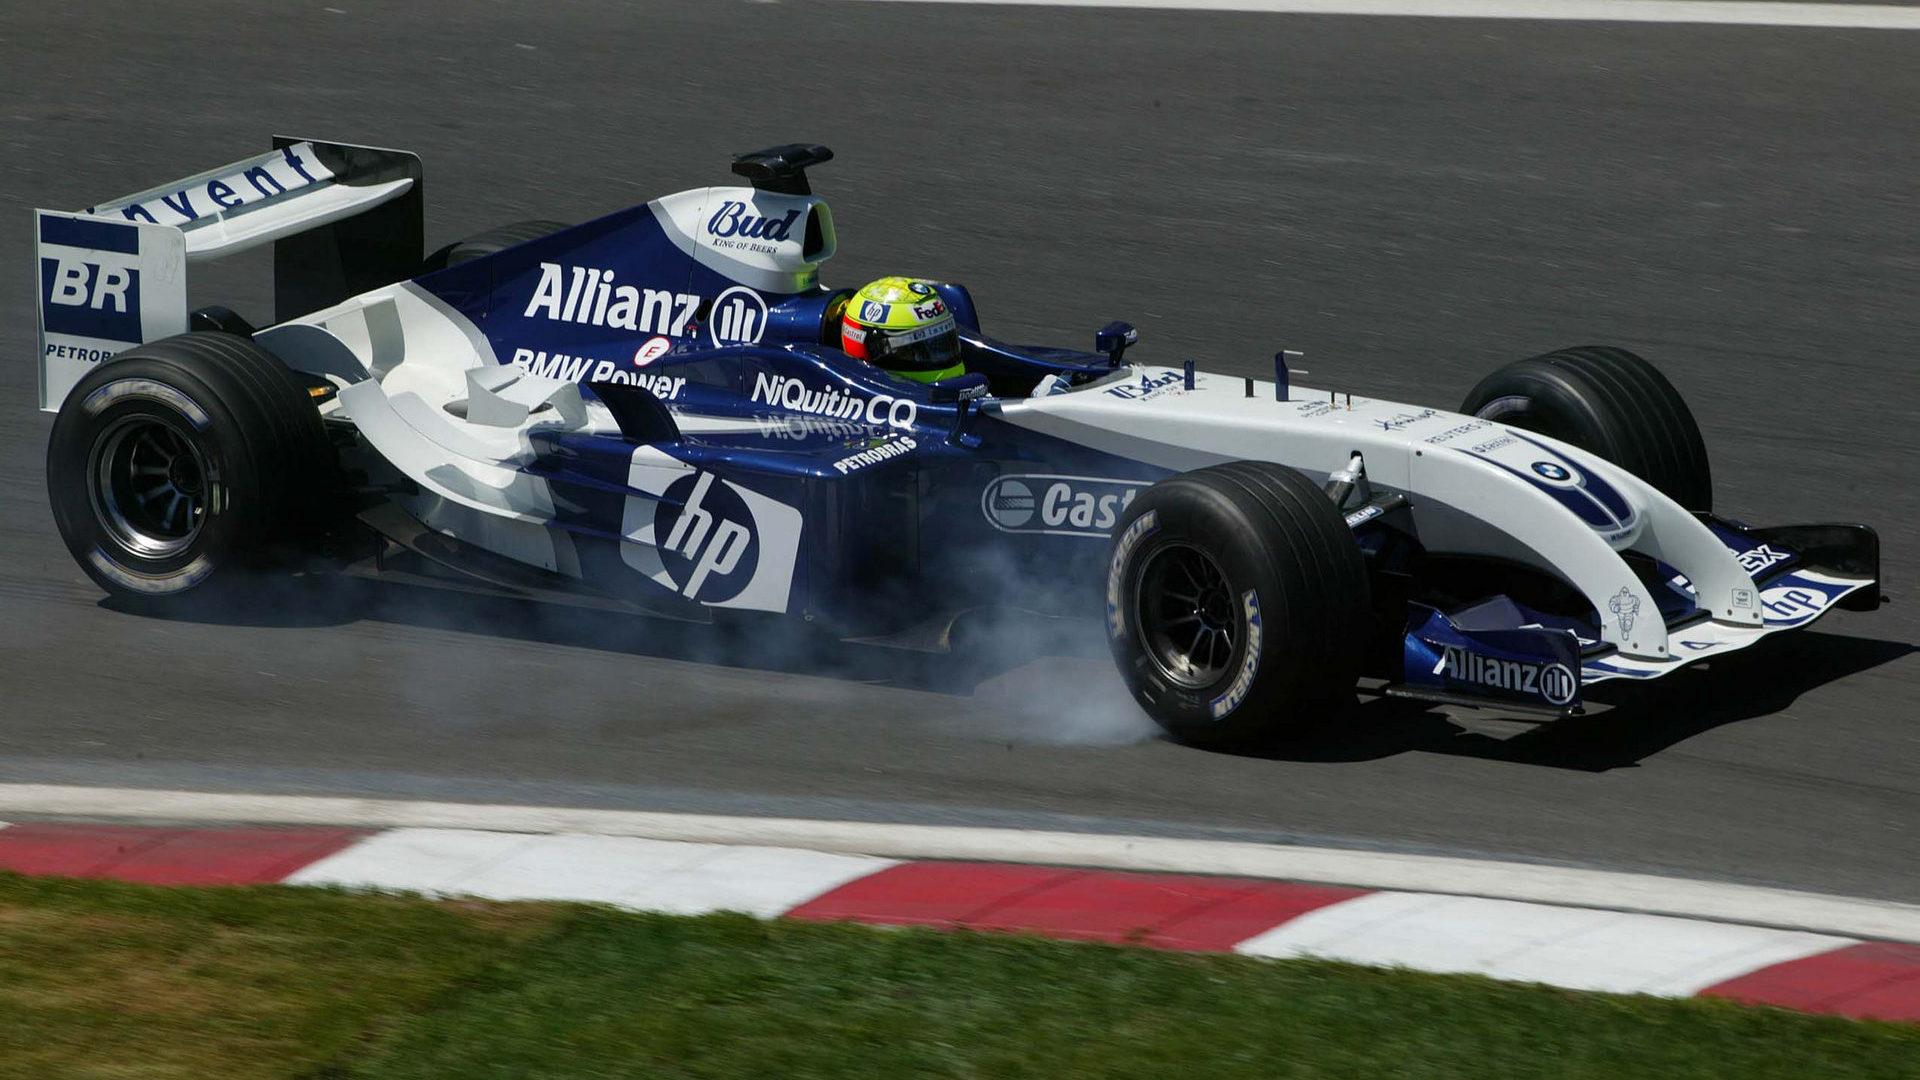 Schumacher Williams